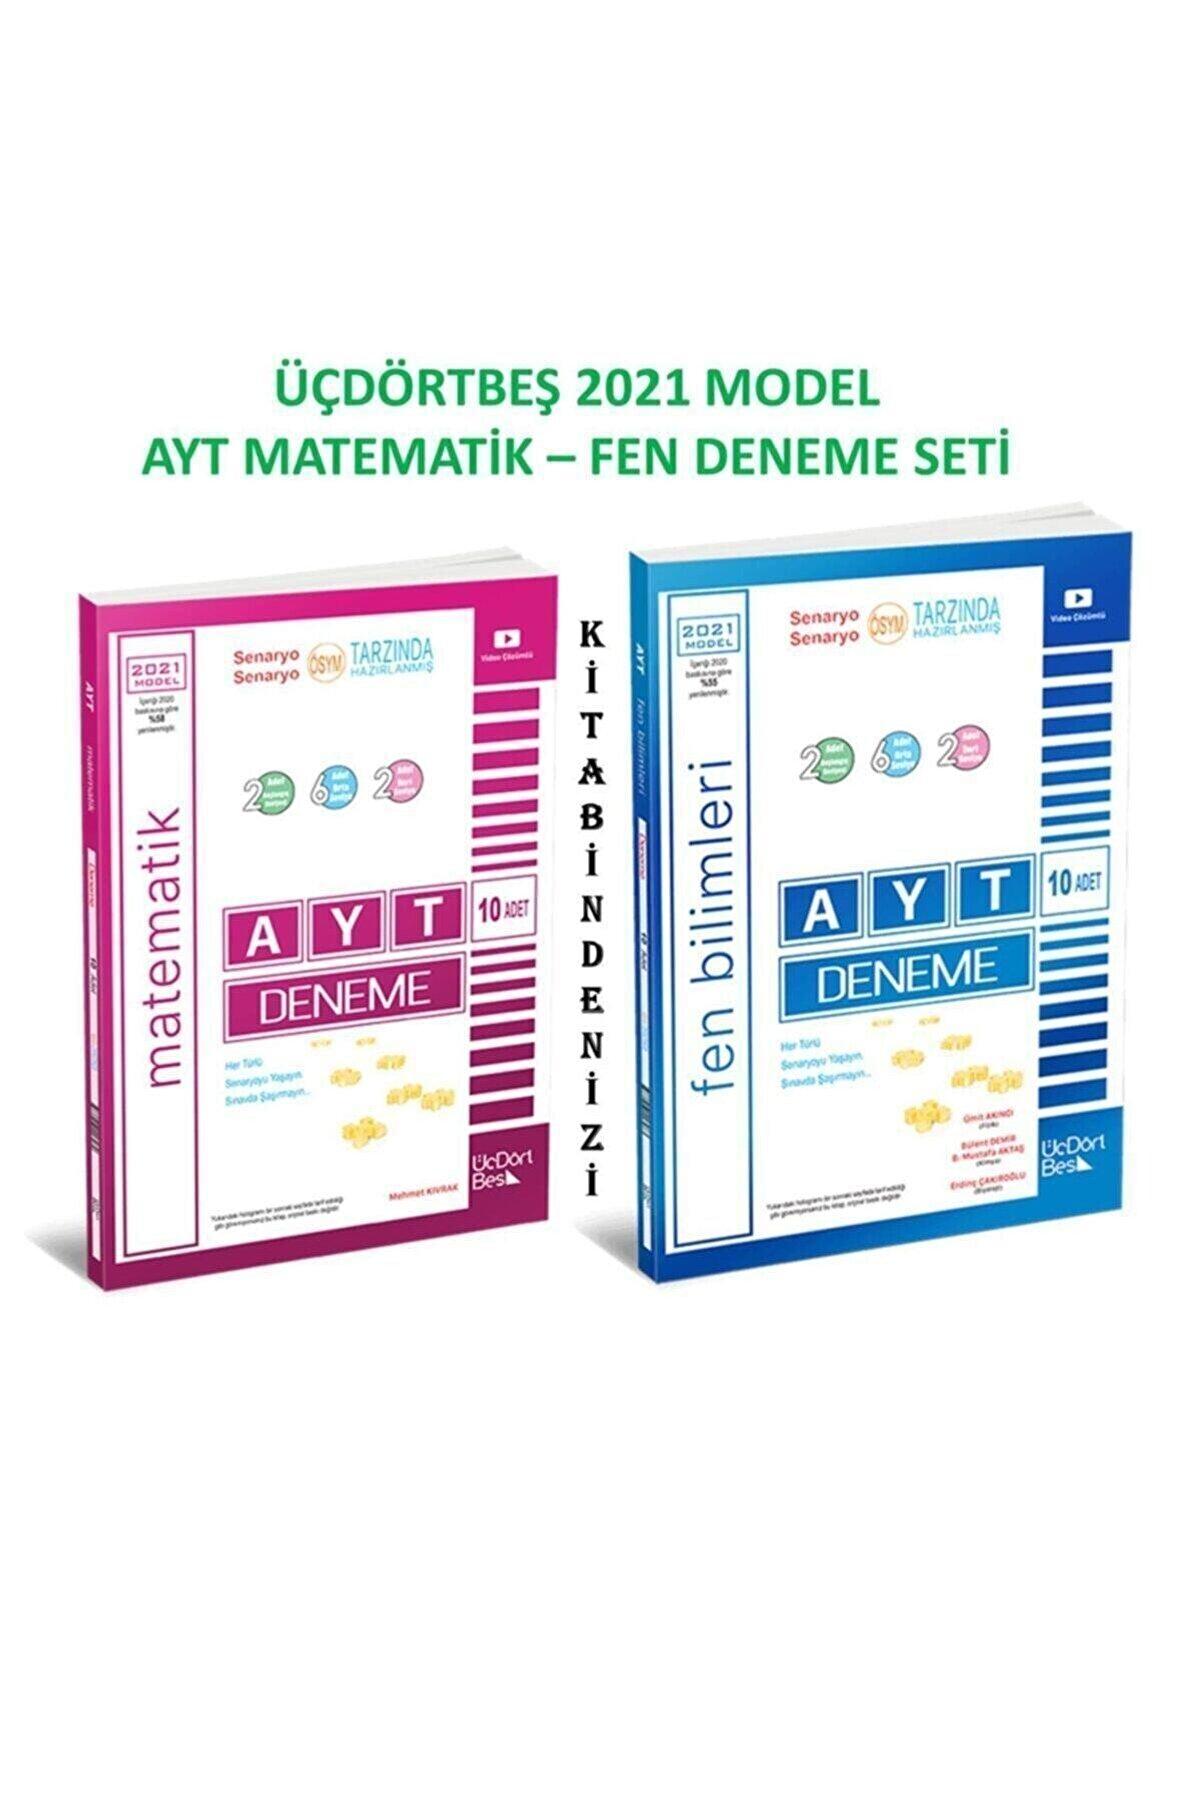 ÜçDörtBeş Yayınları Üçdörtbeş Ayt Matematik-fen Deneme Seti 2021 Model